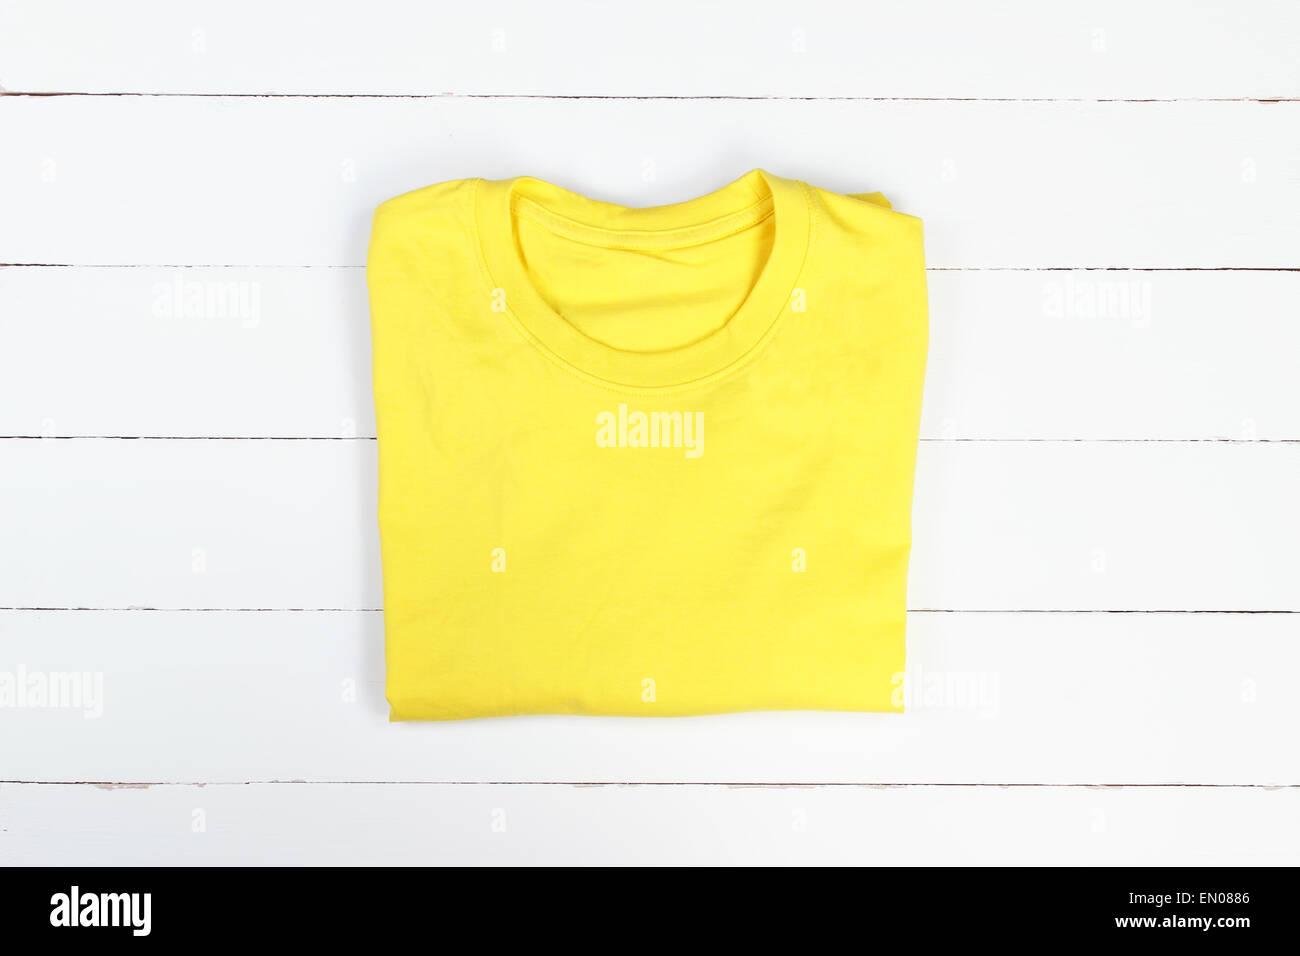 Yellow t-shirt - Stock Image